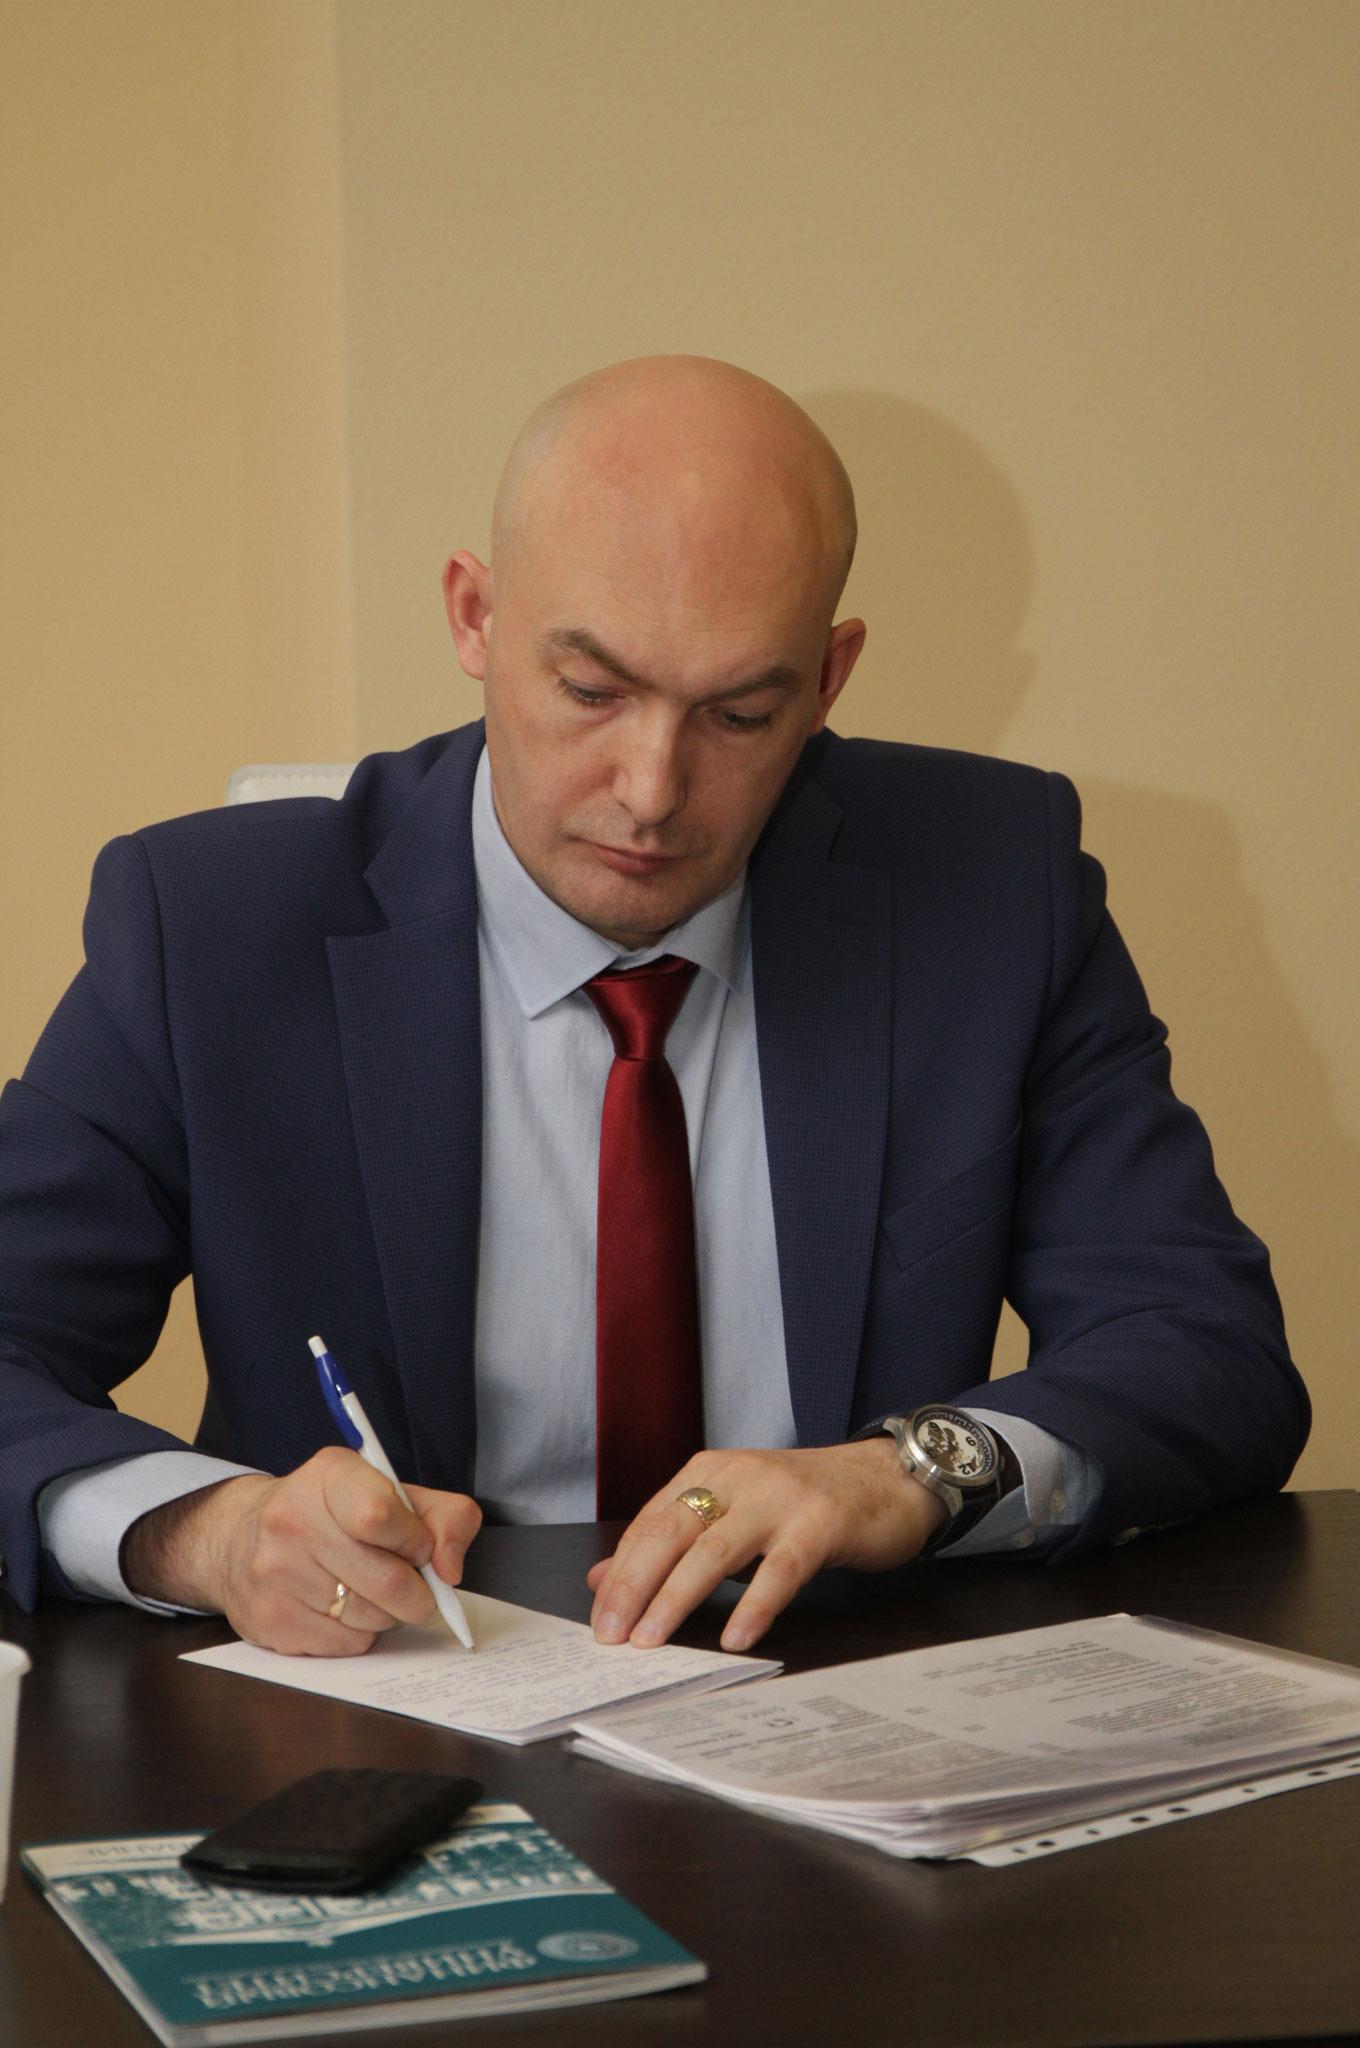 Финансовый университет при Правительстве Российской Федерации, 12 апреля 2017 г.